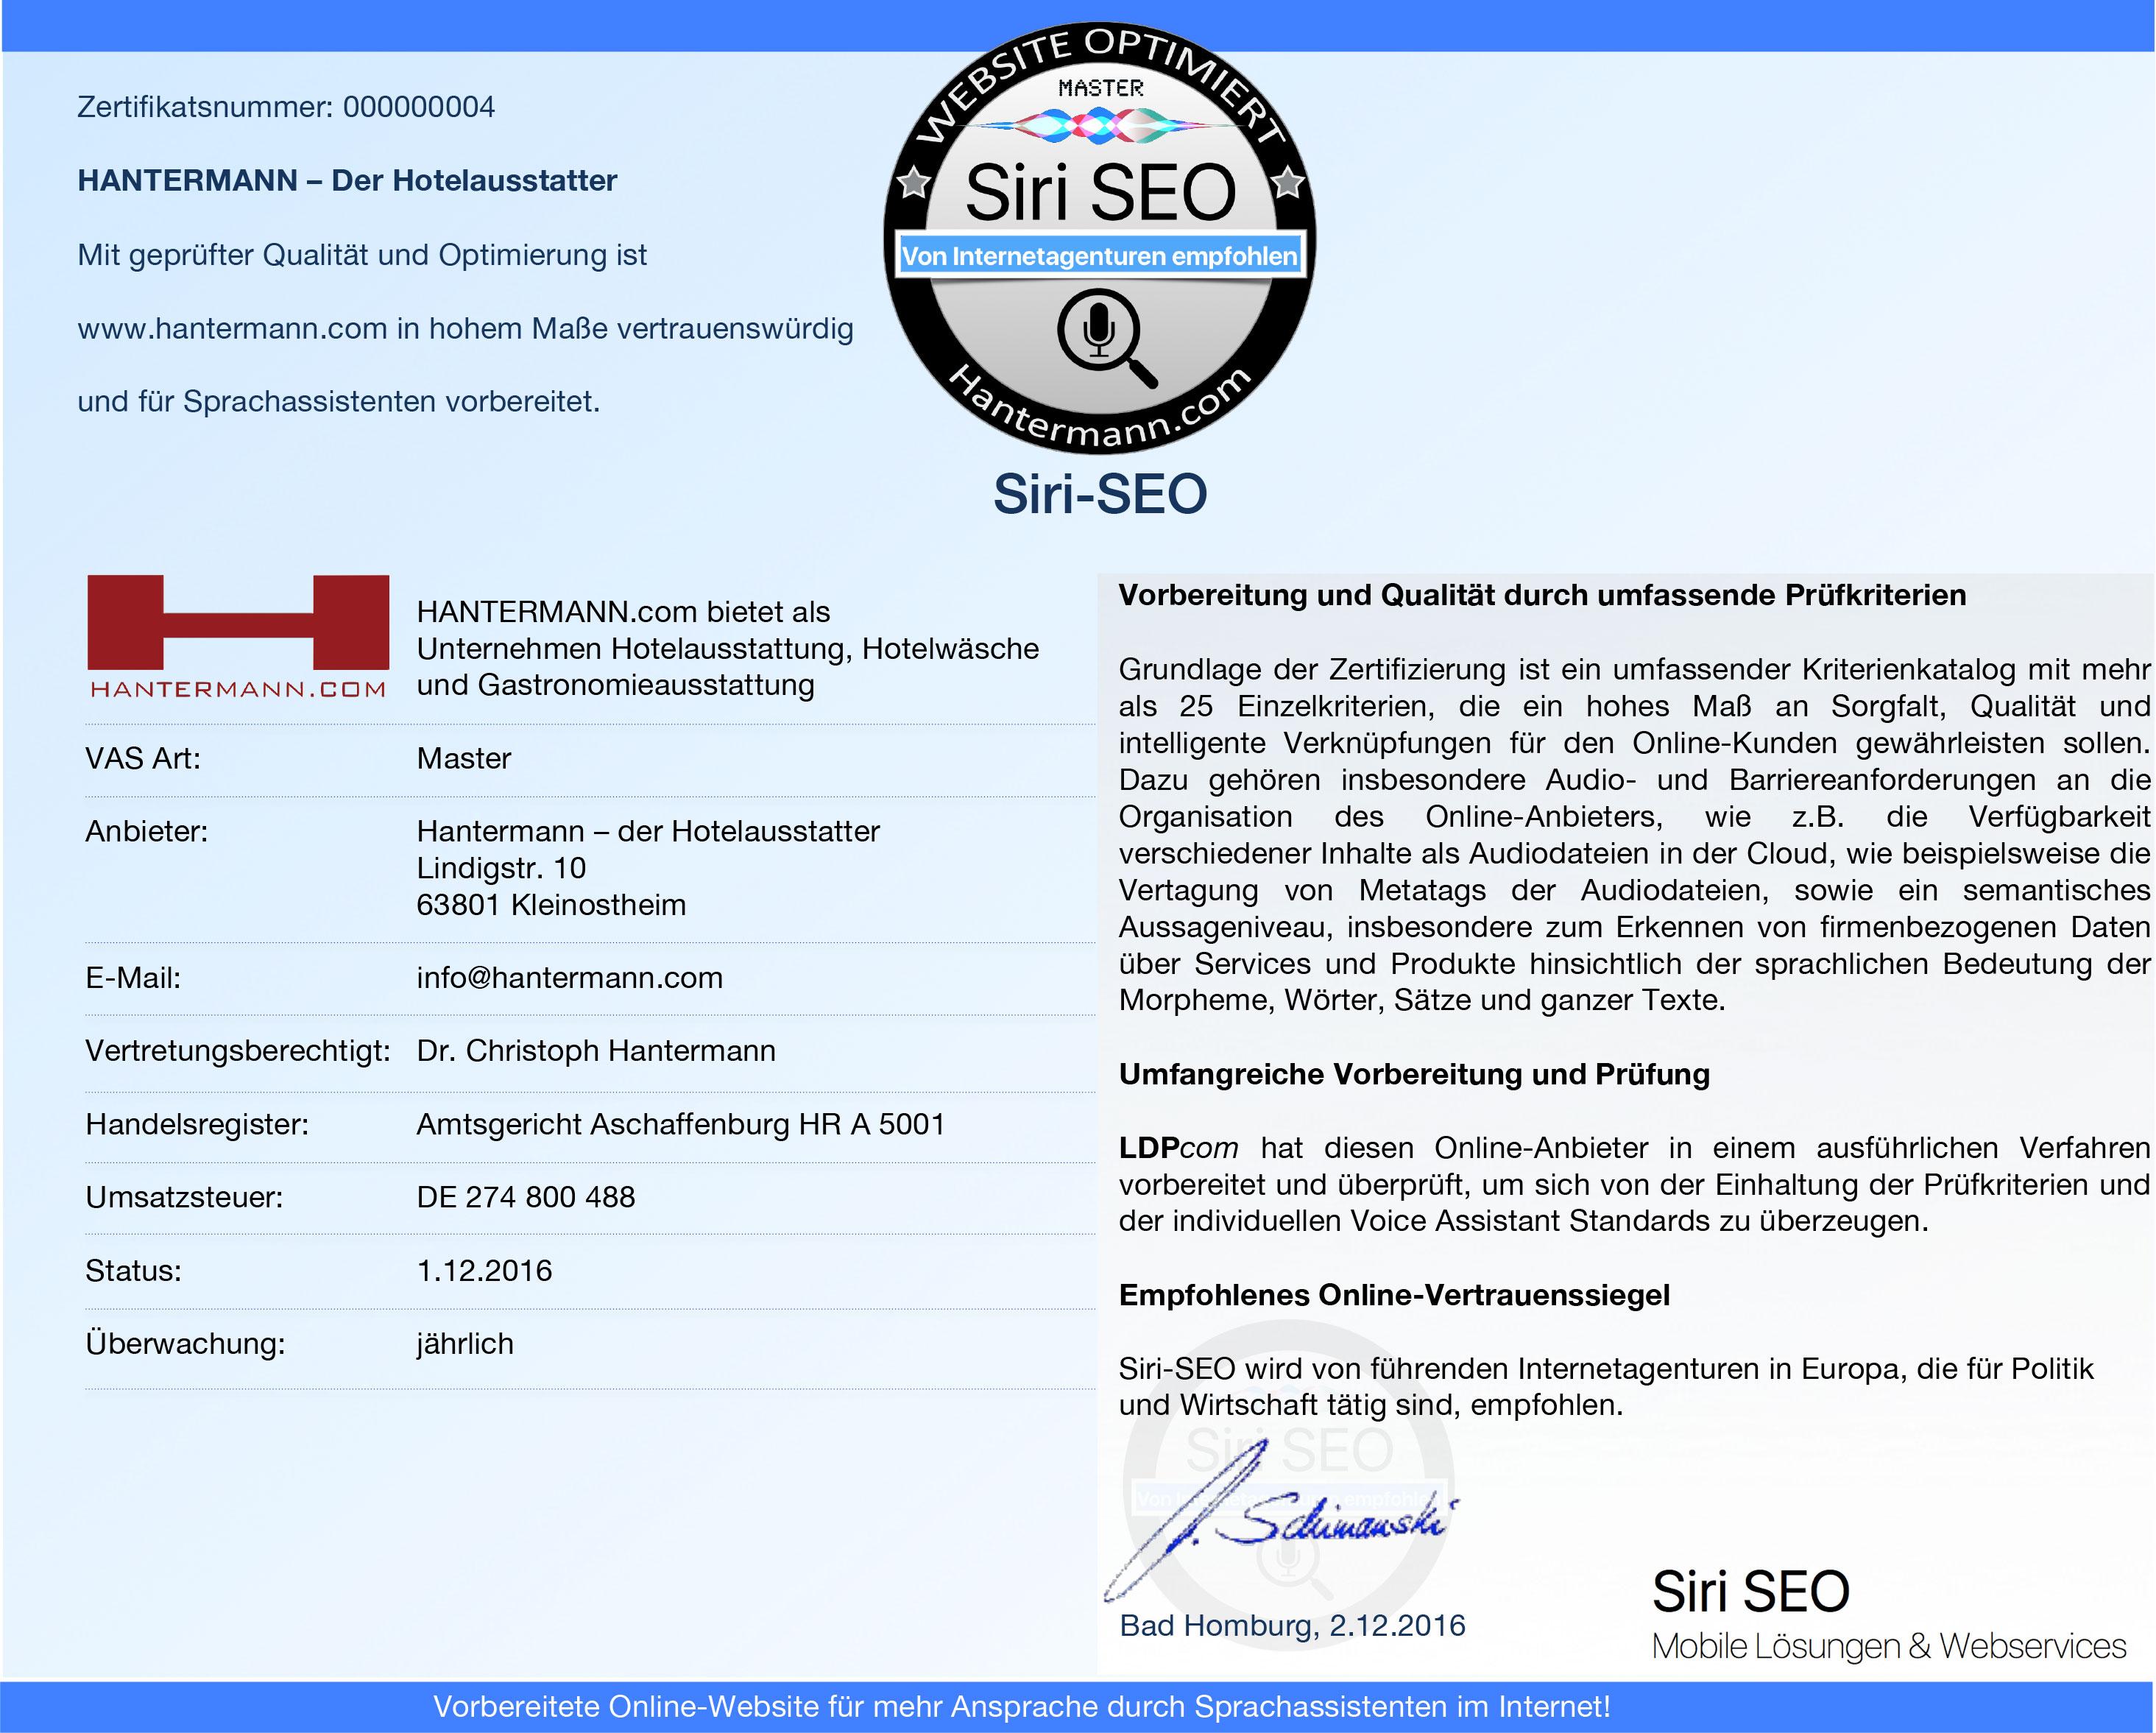 zertifikat_04_hantermann_com_161201